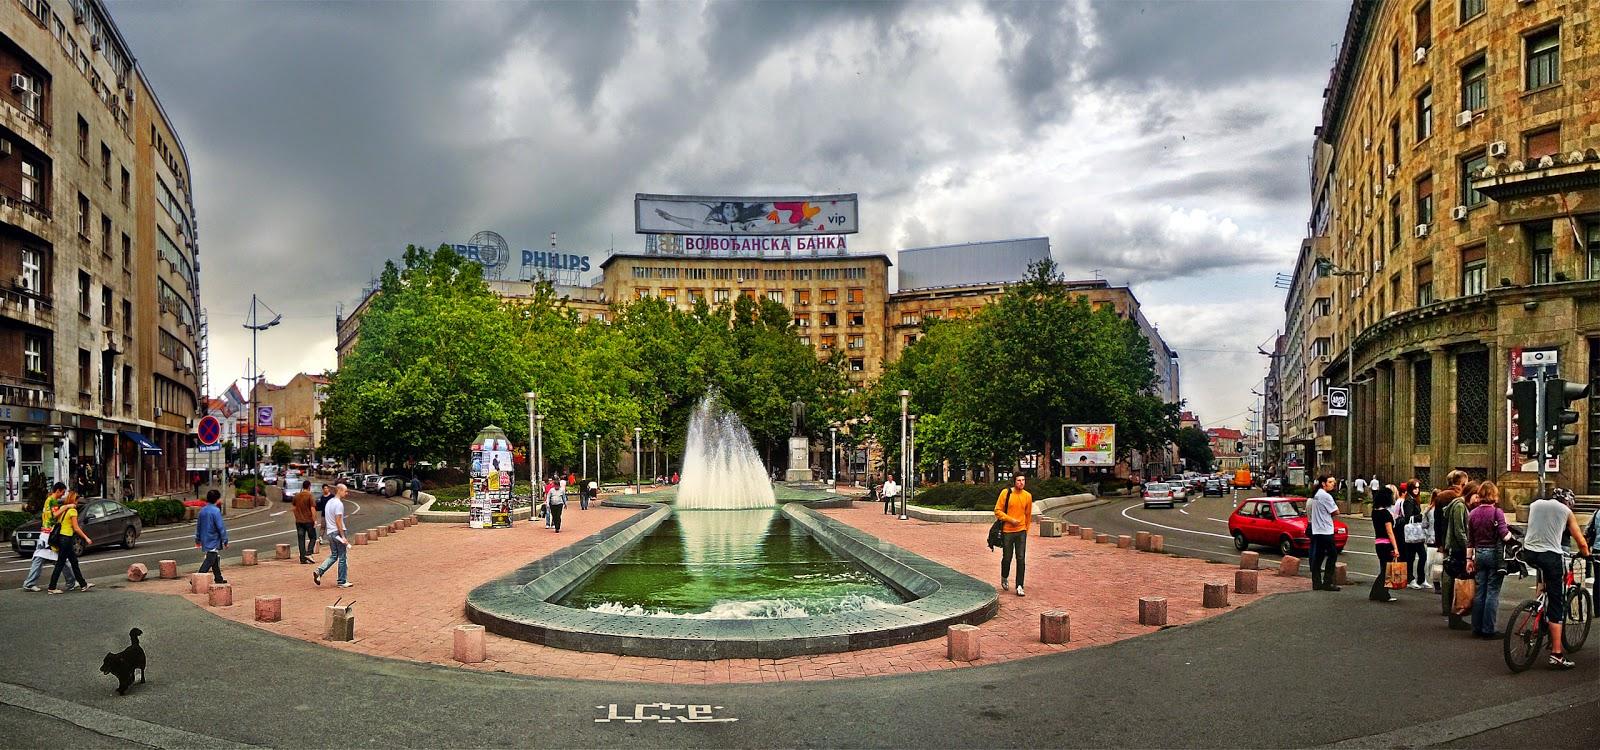 Trg_Nikole_Pašića,_Belgrade